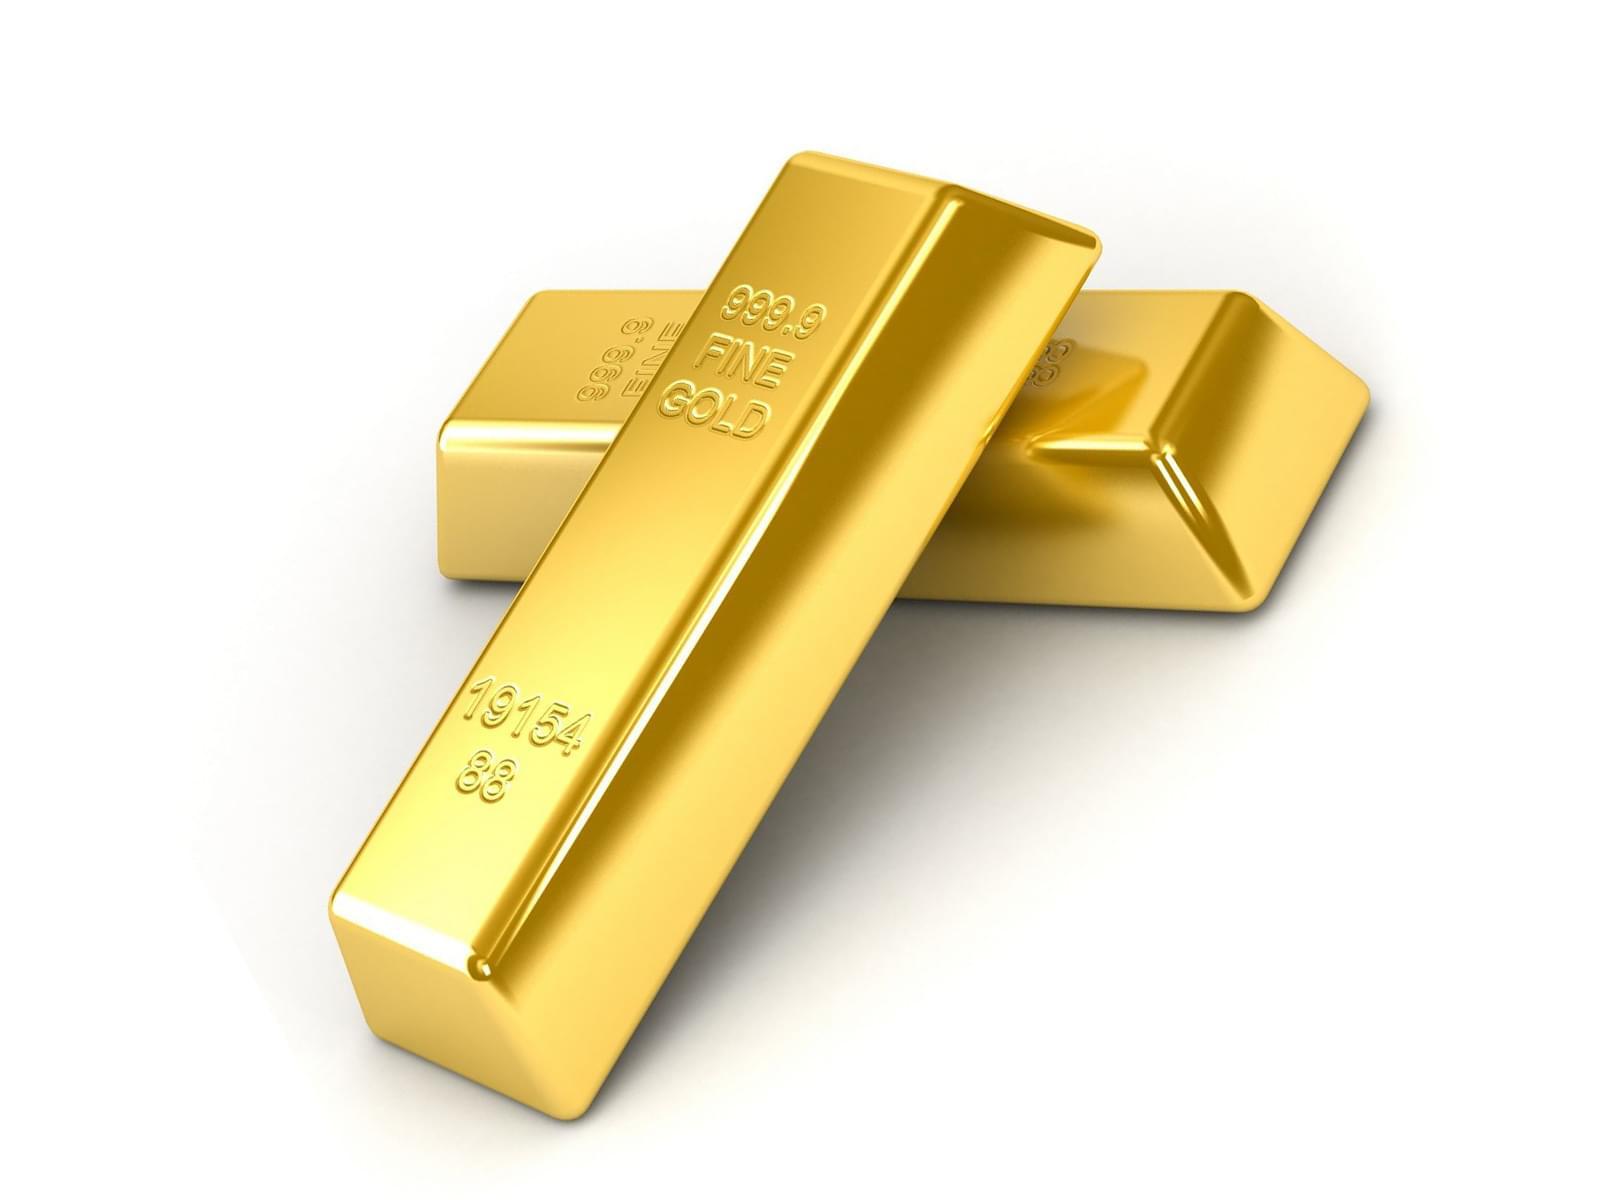 где взять золото, купить золотое кольцо с черным жемчугом